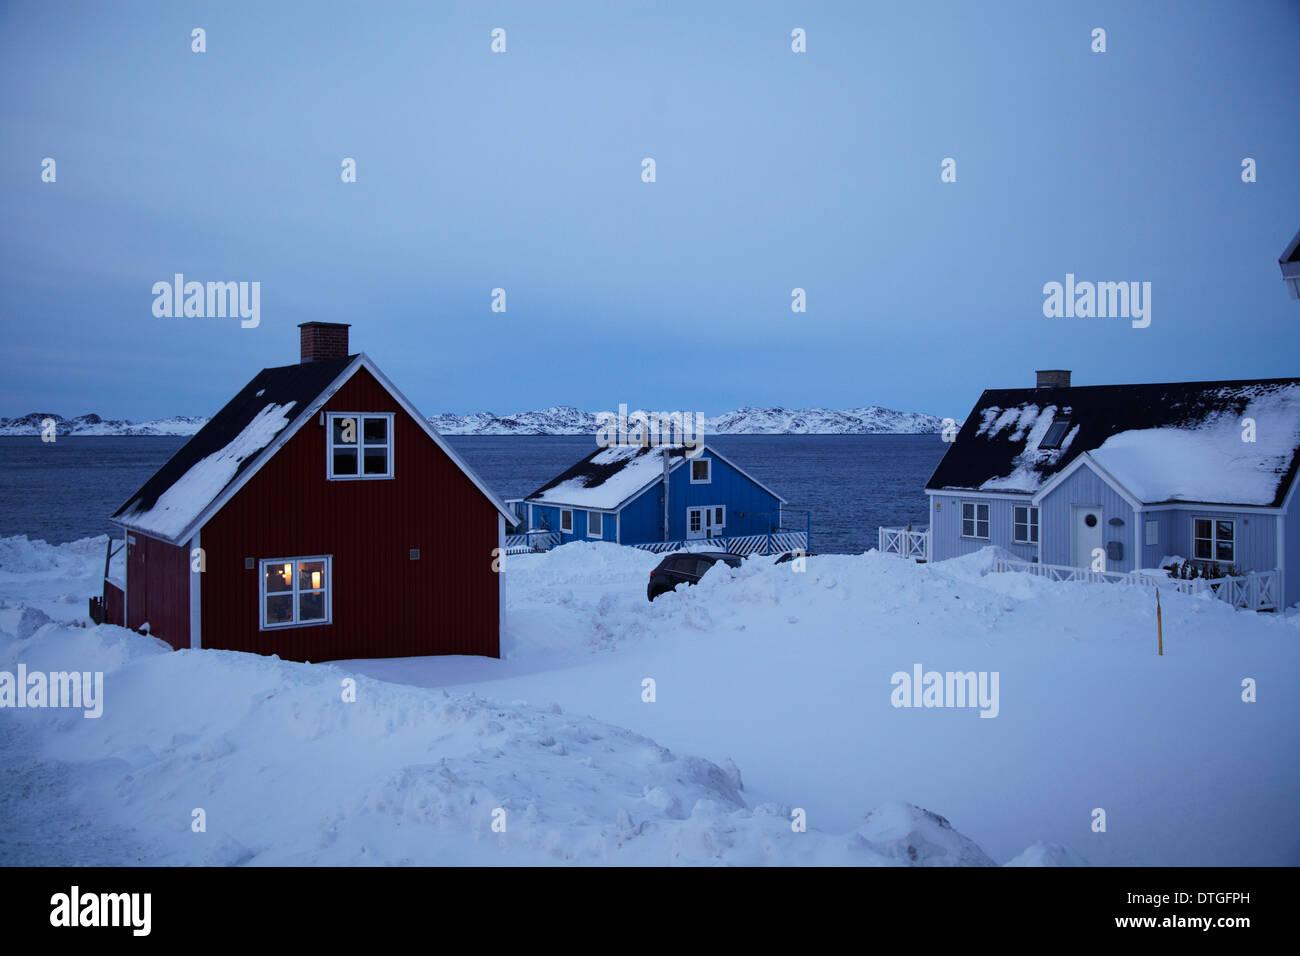 Maisons de la ville de Nuuk, Groenland et le fjord en arrière-plan. L'heure bleue. Le soleil a quitté l'obscurité Banque D'Images